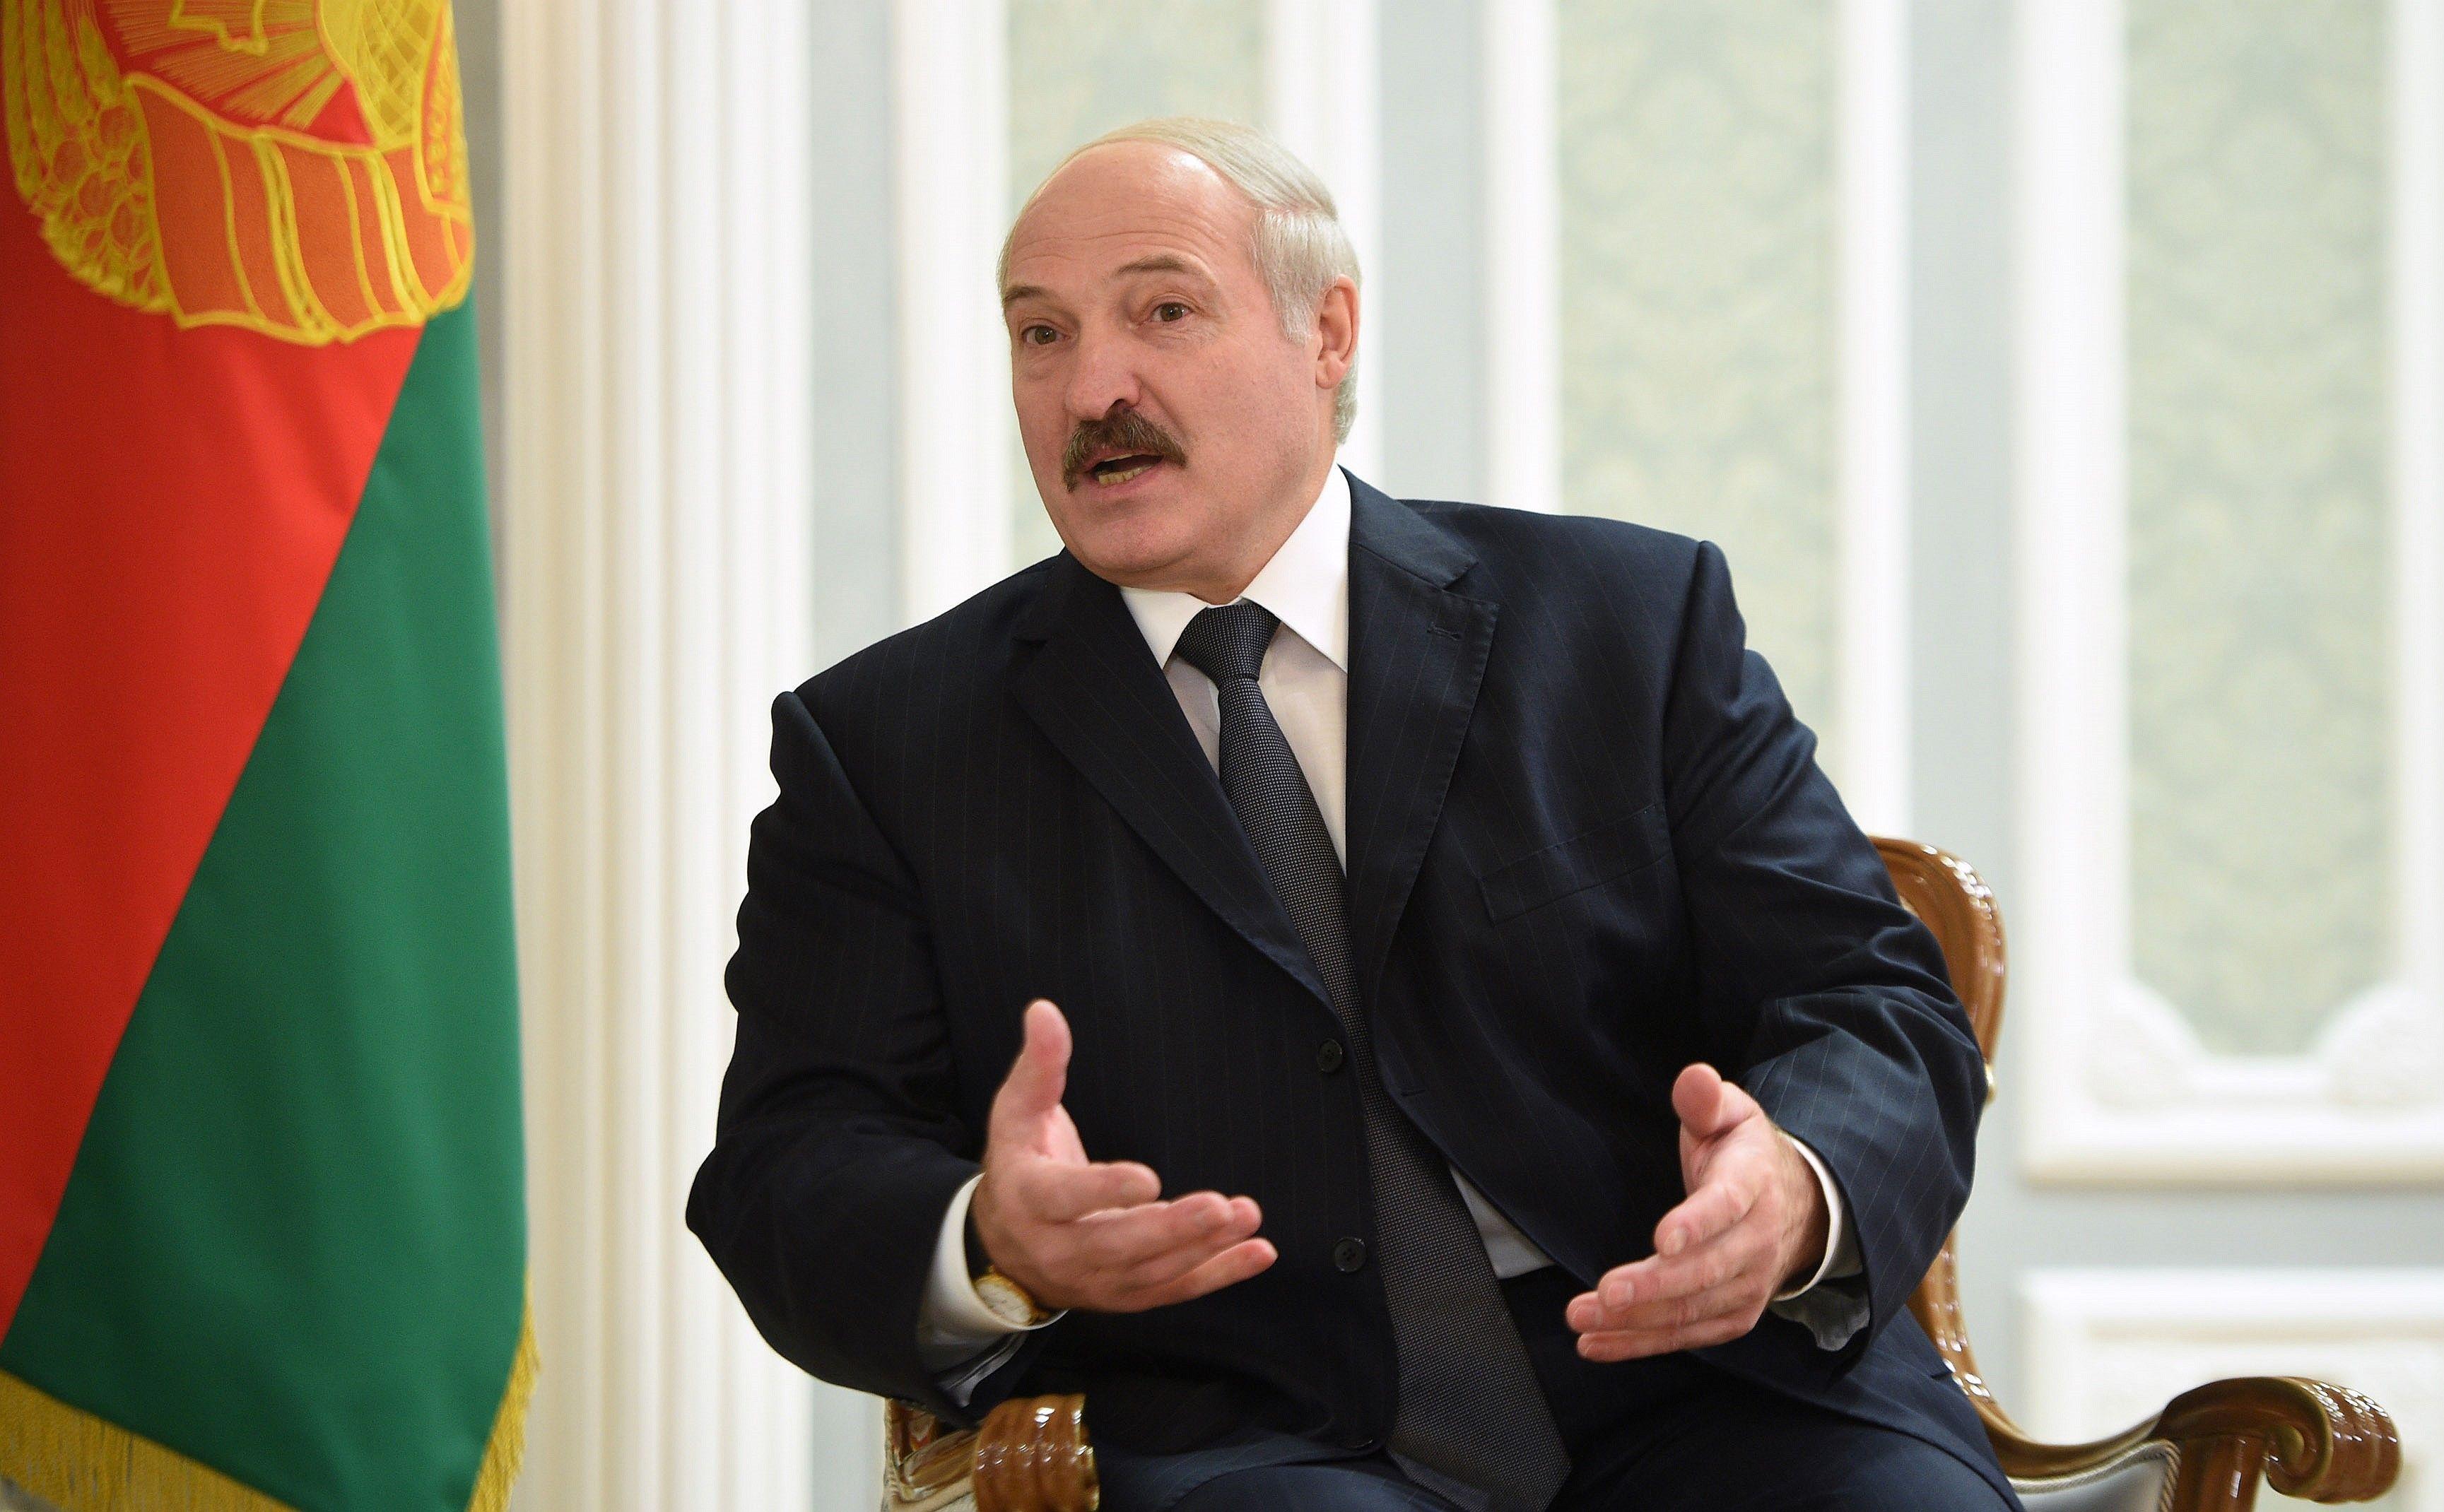 Лукашенко сообщил, кто может отстранить его от власти